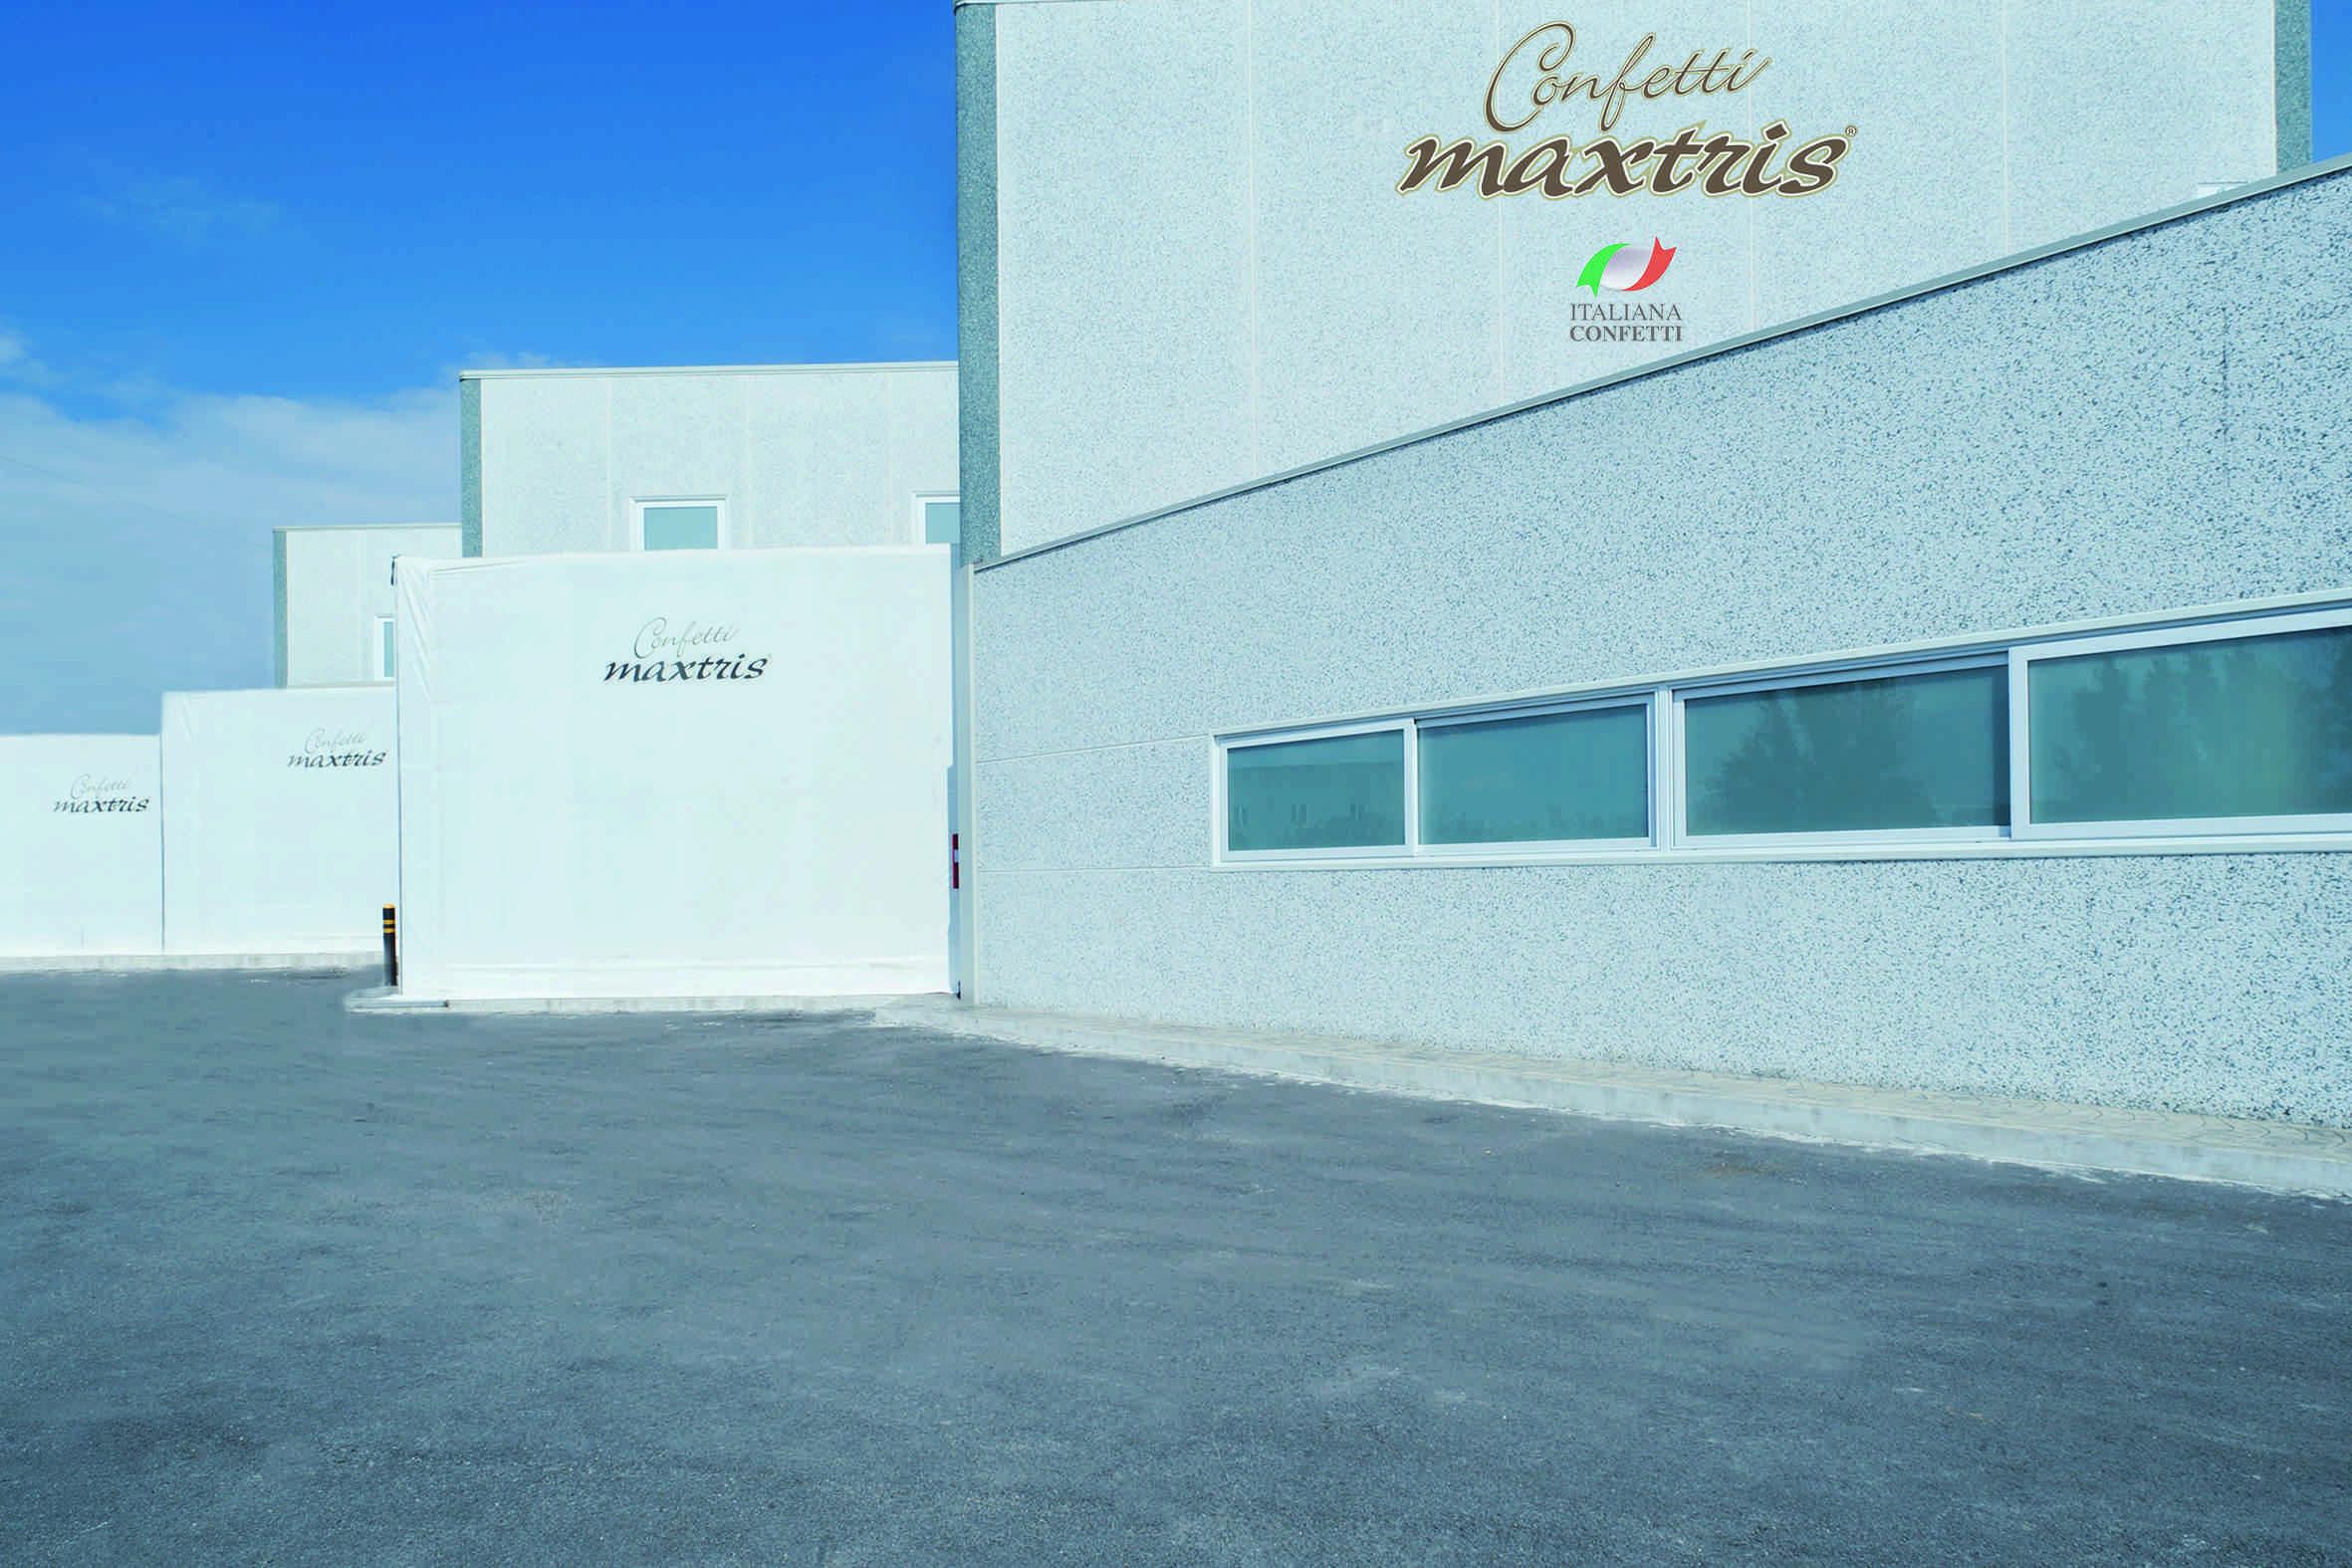 Italiana confetti (Prisco) Maxtris 4